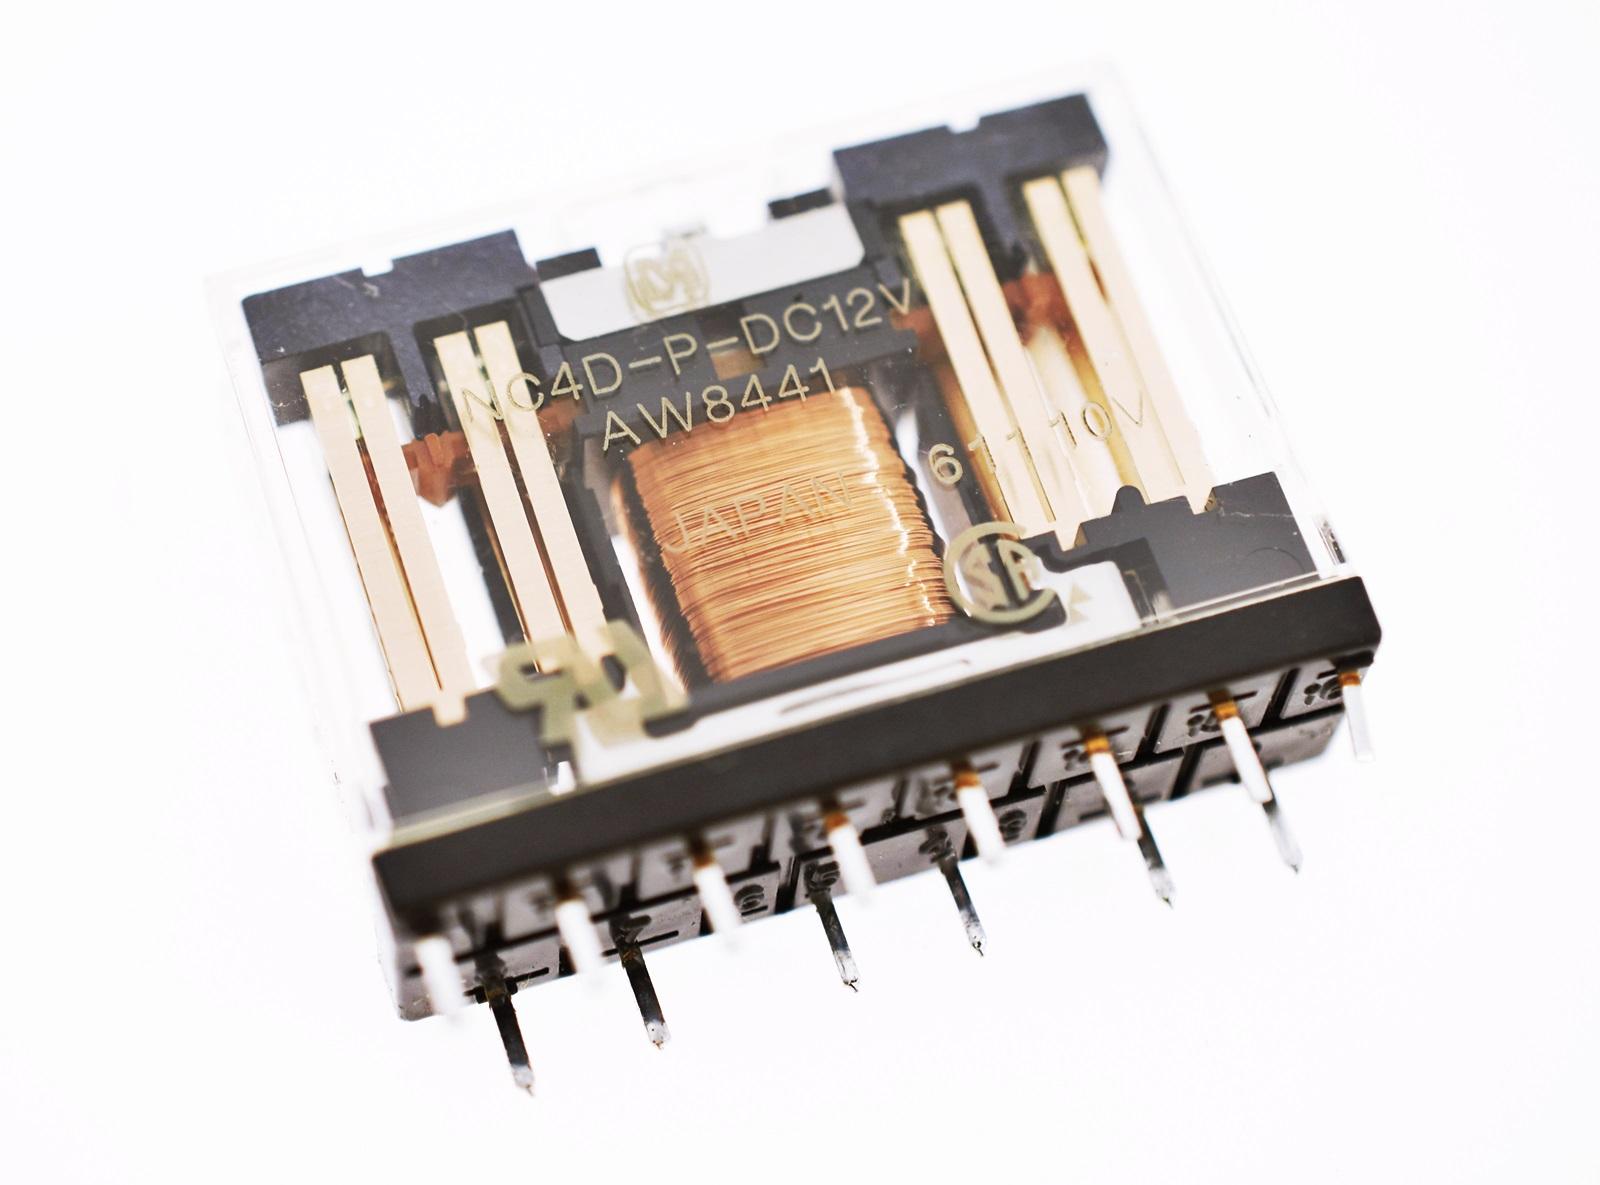 4 Form C Panasonic 4PDT 5A 12V Relais NC4D-P-DC12V *NEU* #715180